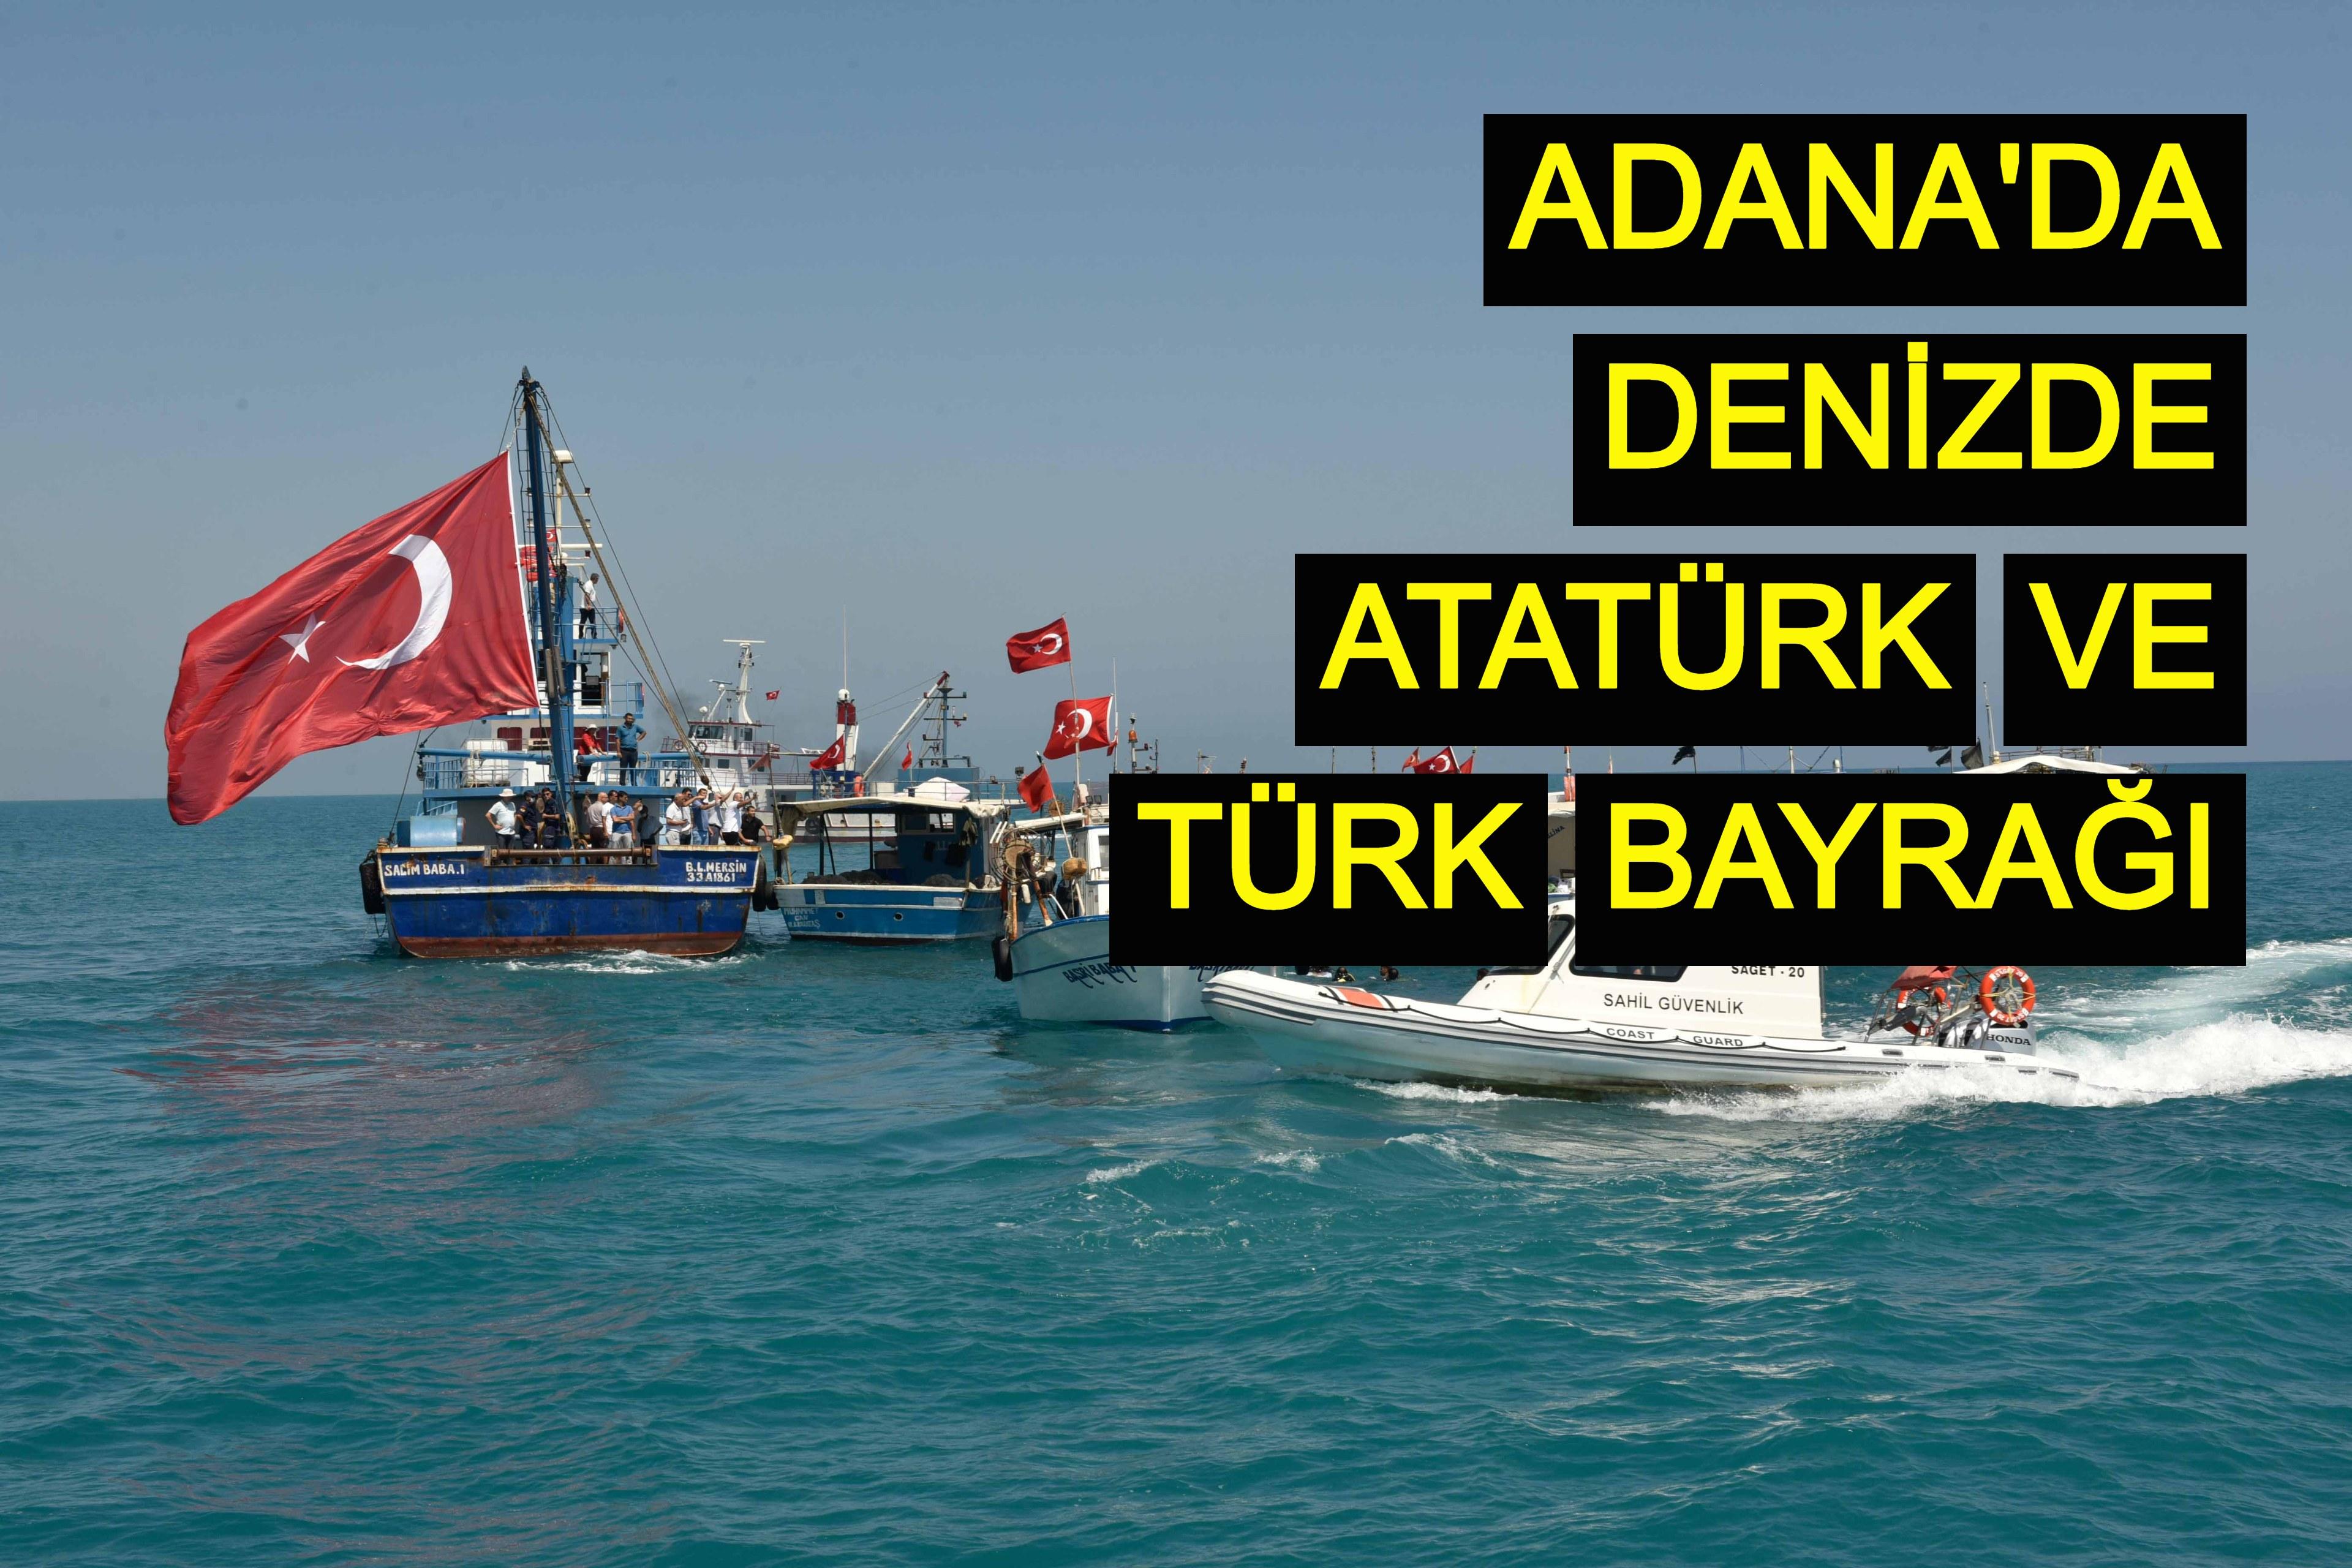 Adana Büyükşehir dalgıçları denizde Atatürk portresi ve Türk bayrağı açtı